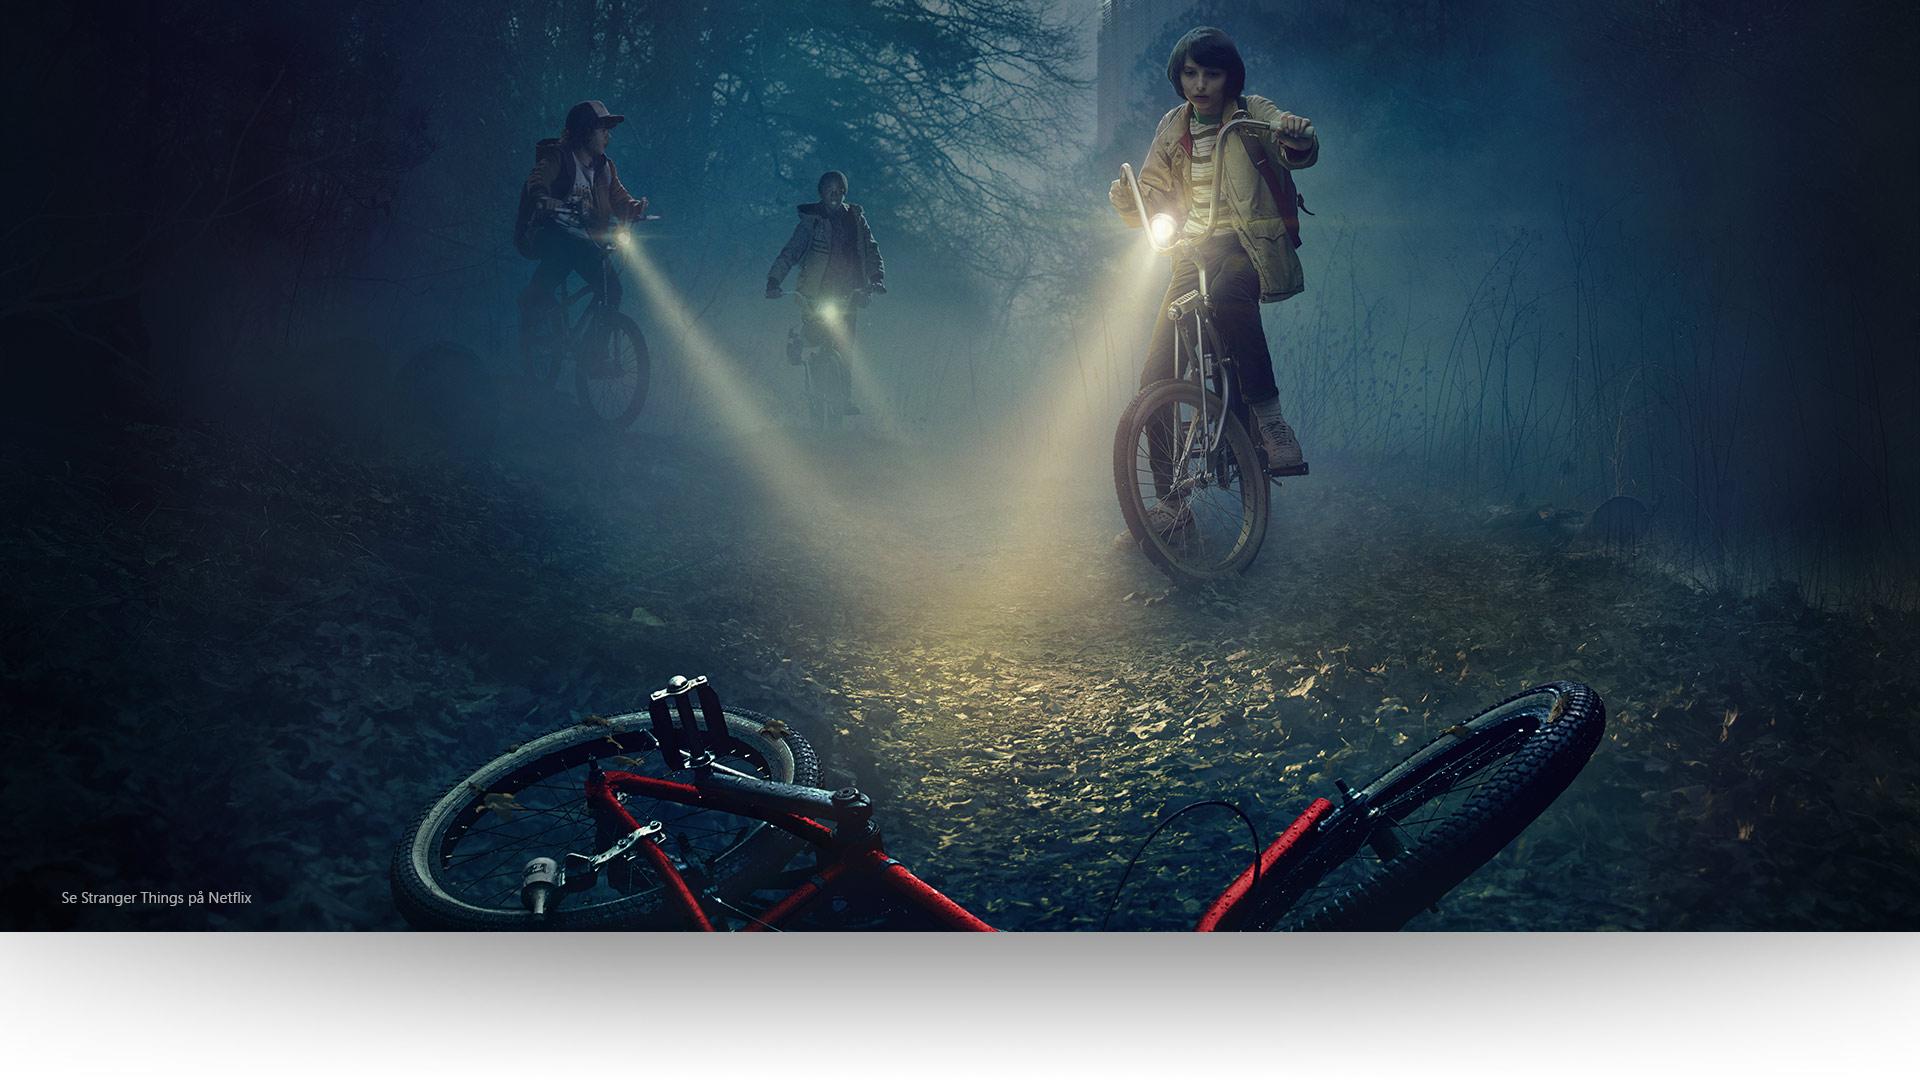 Barn på sykler finner en sykkel noen har mistet – Se Stranger Things på Netflix